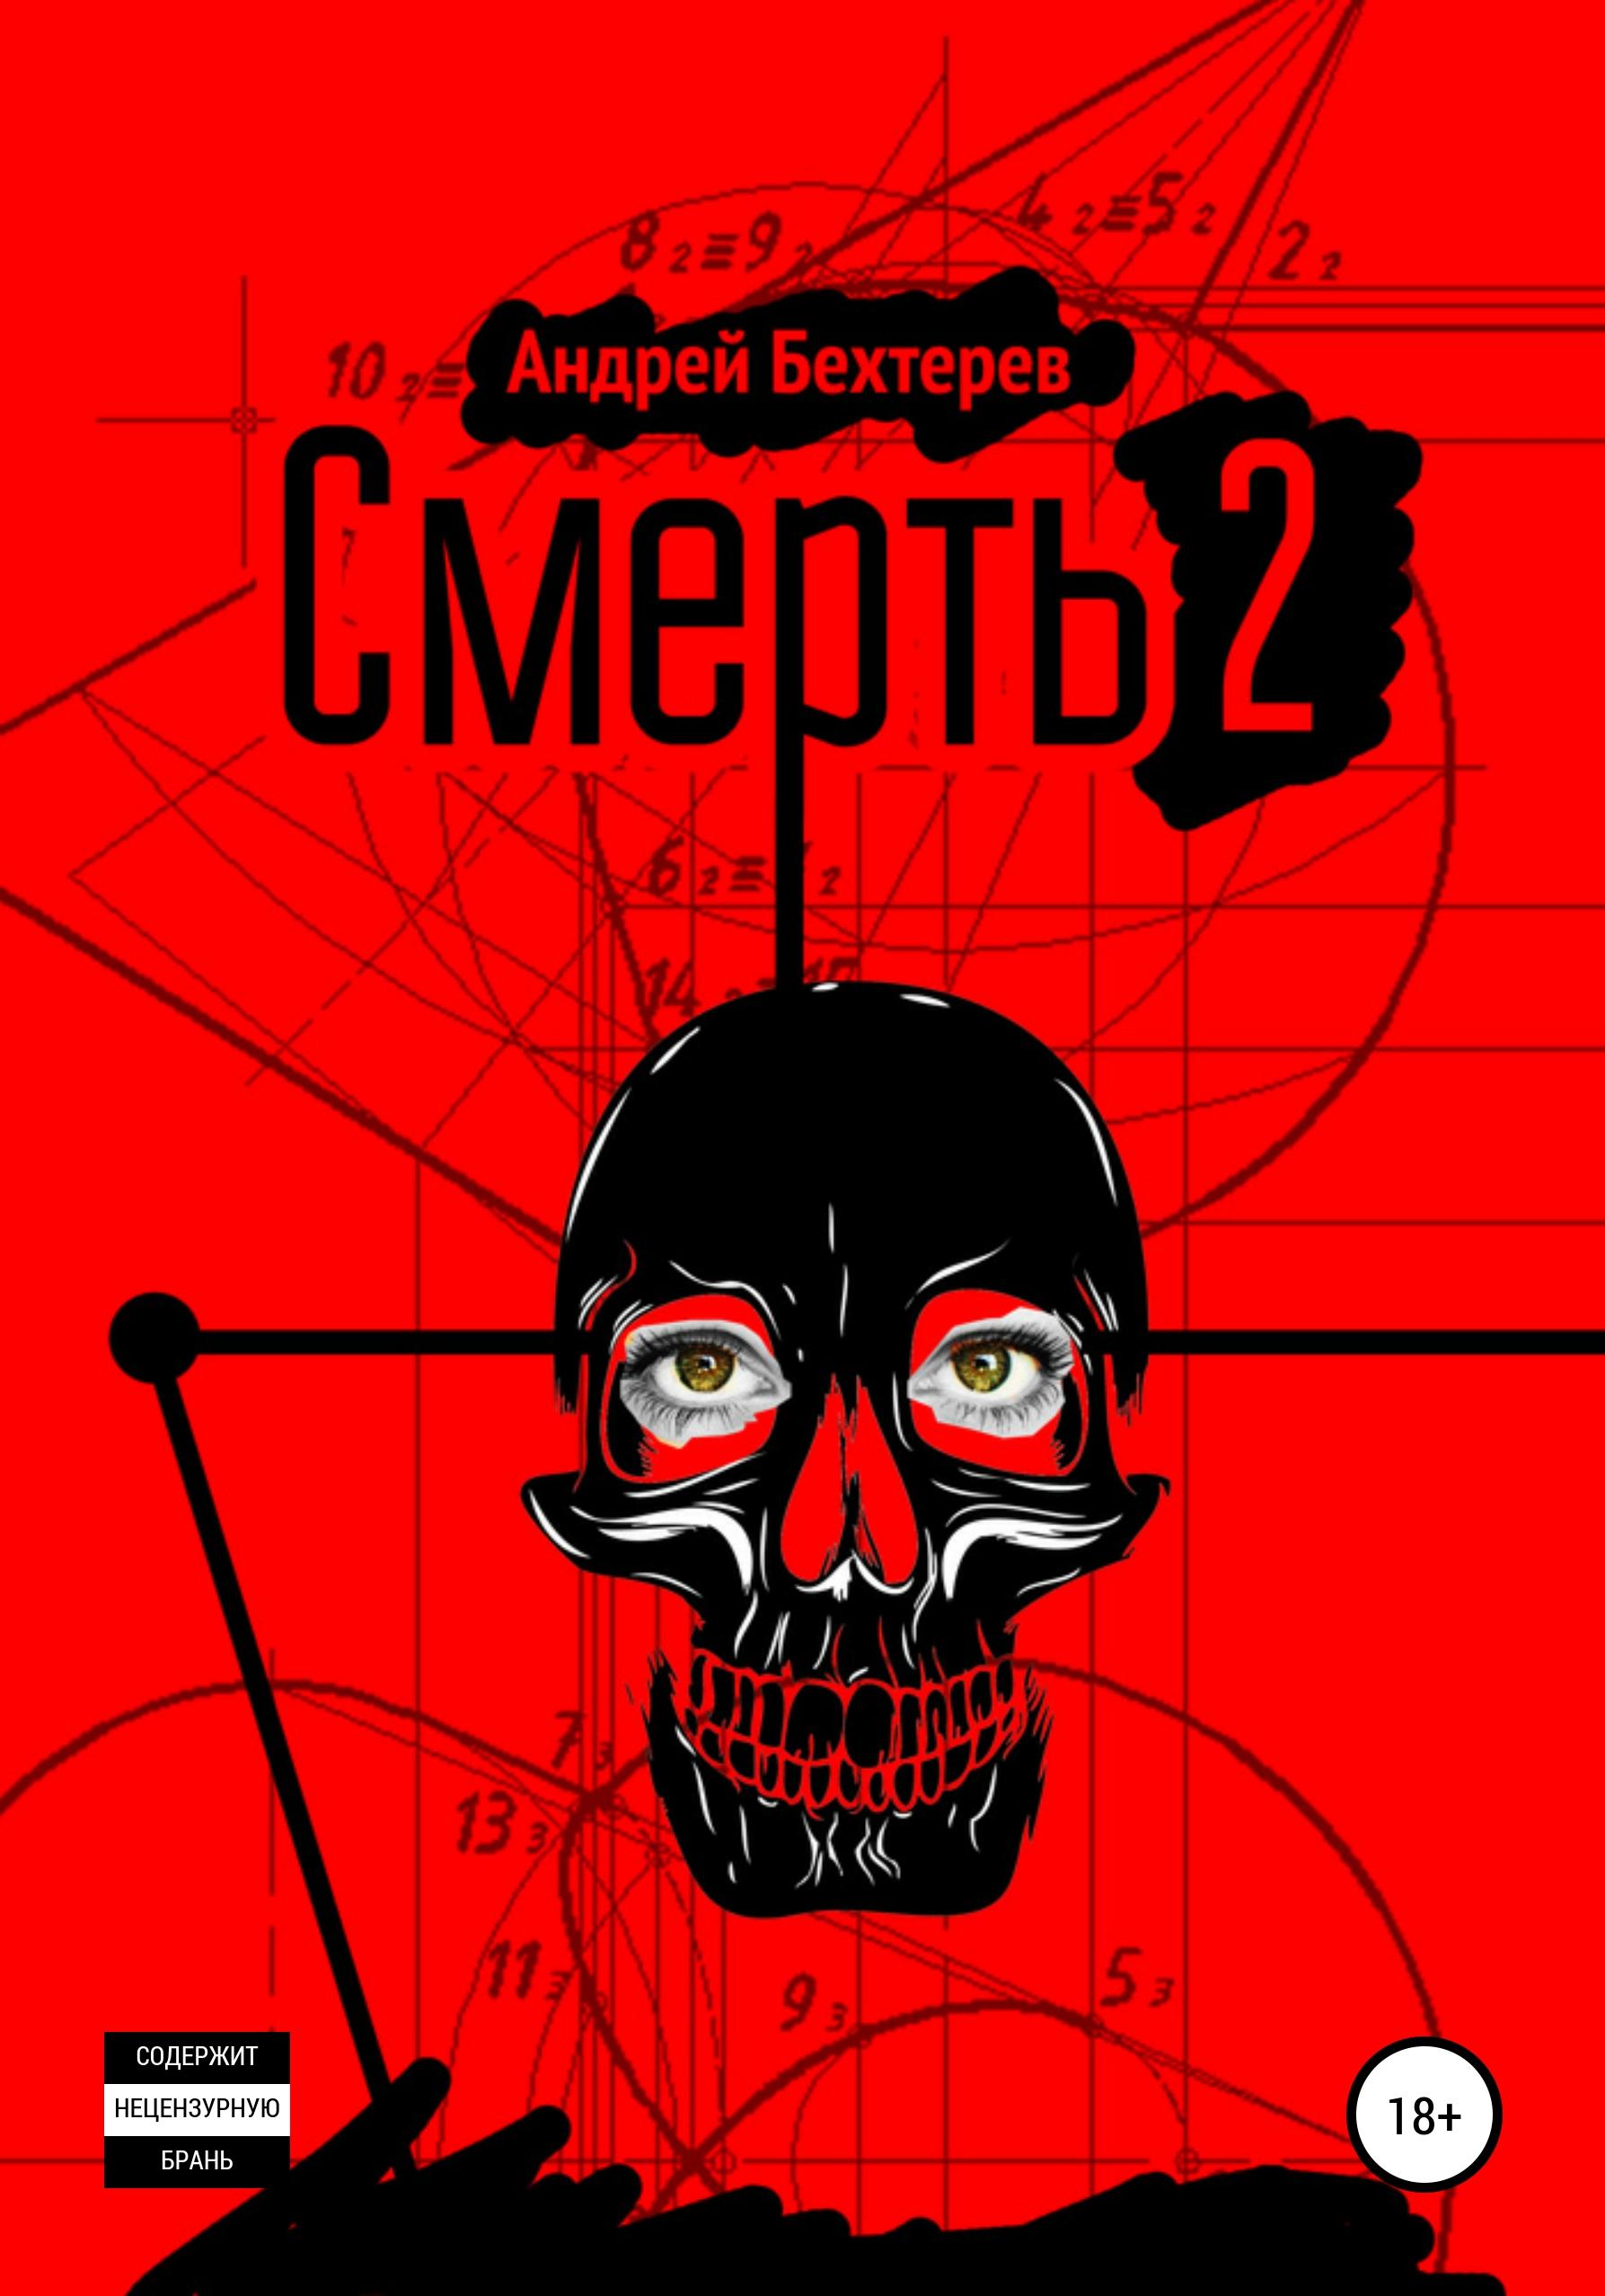 Андрей Бехтерев «Смерть 2»